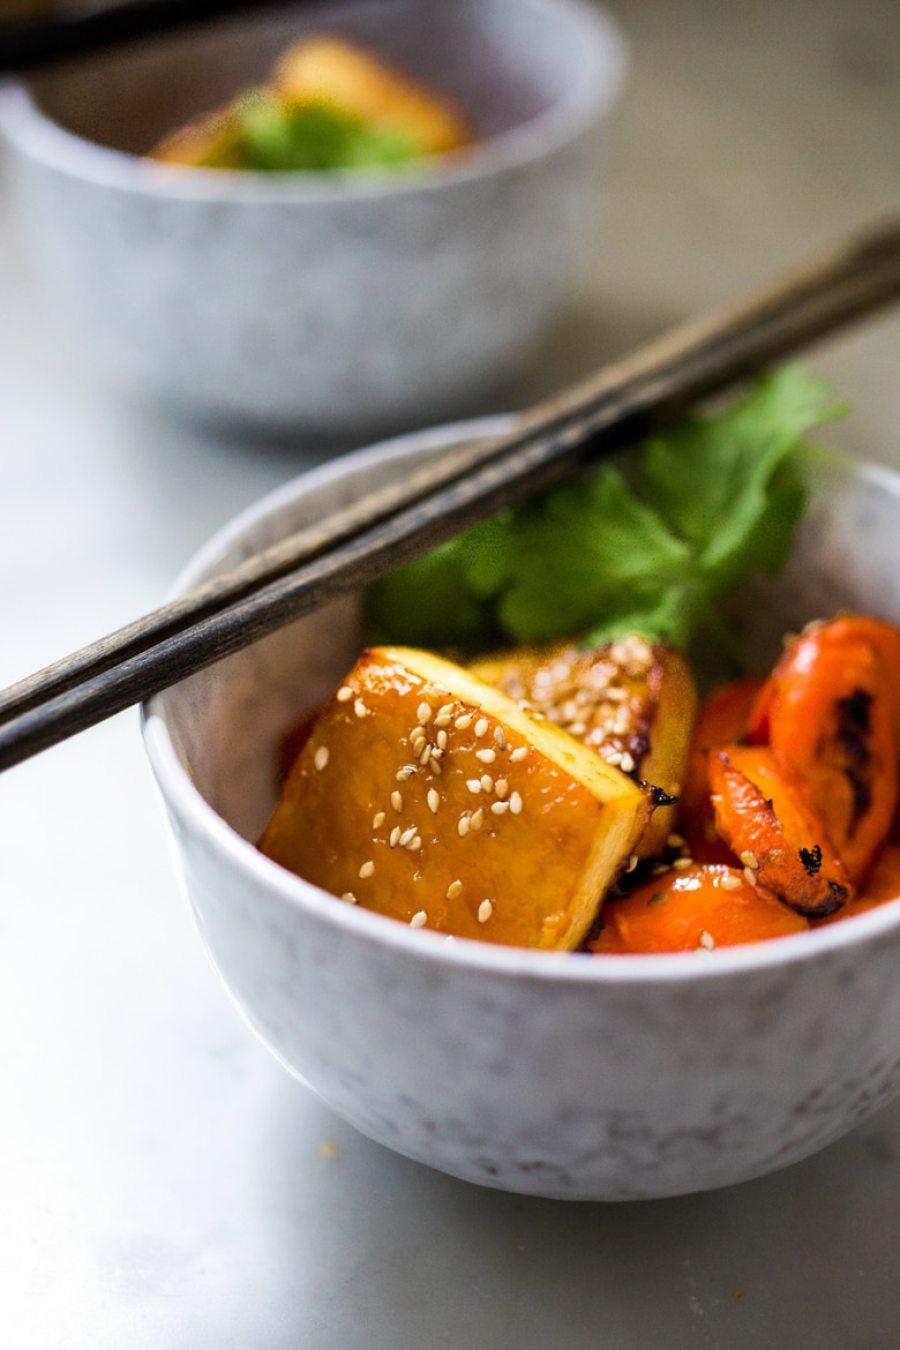 Sheet Pan Miso Tofu Carrot Bowl